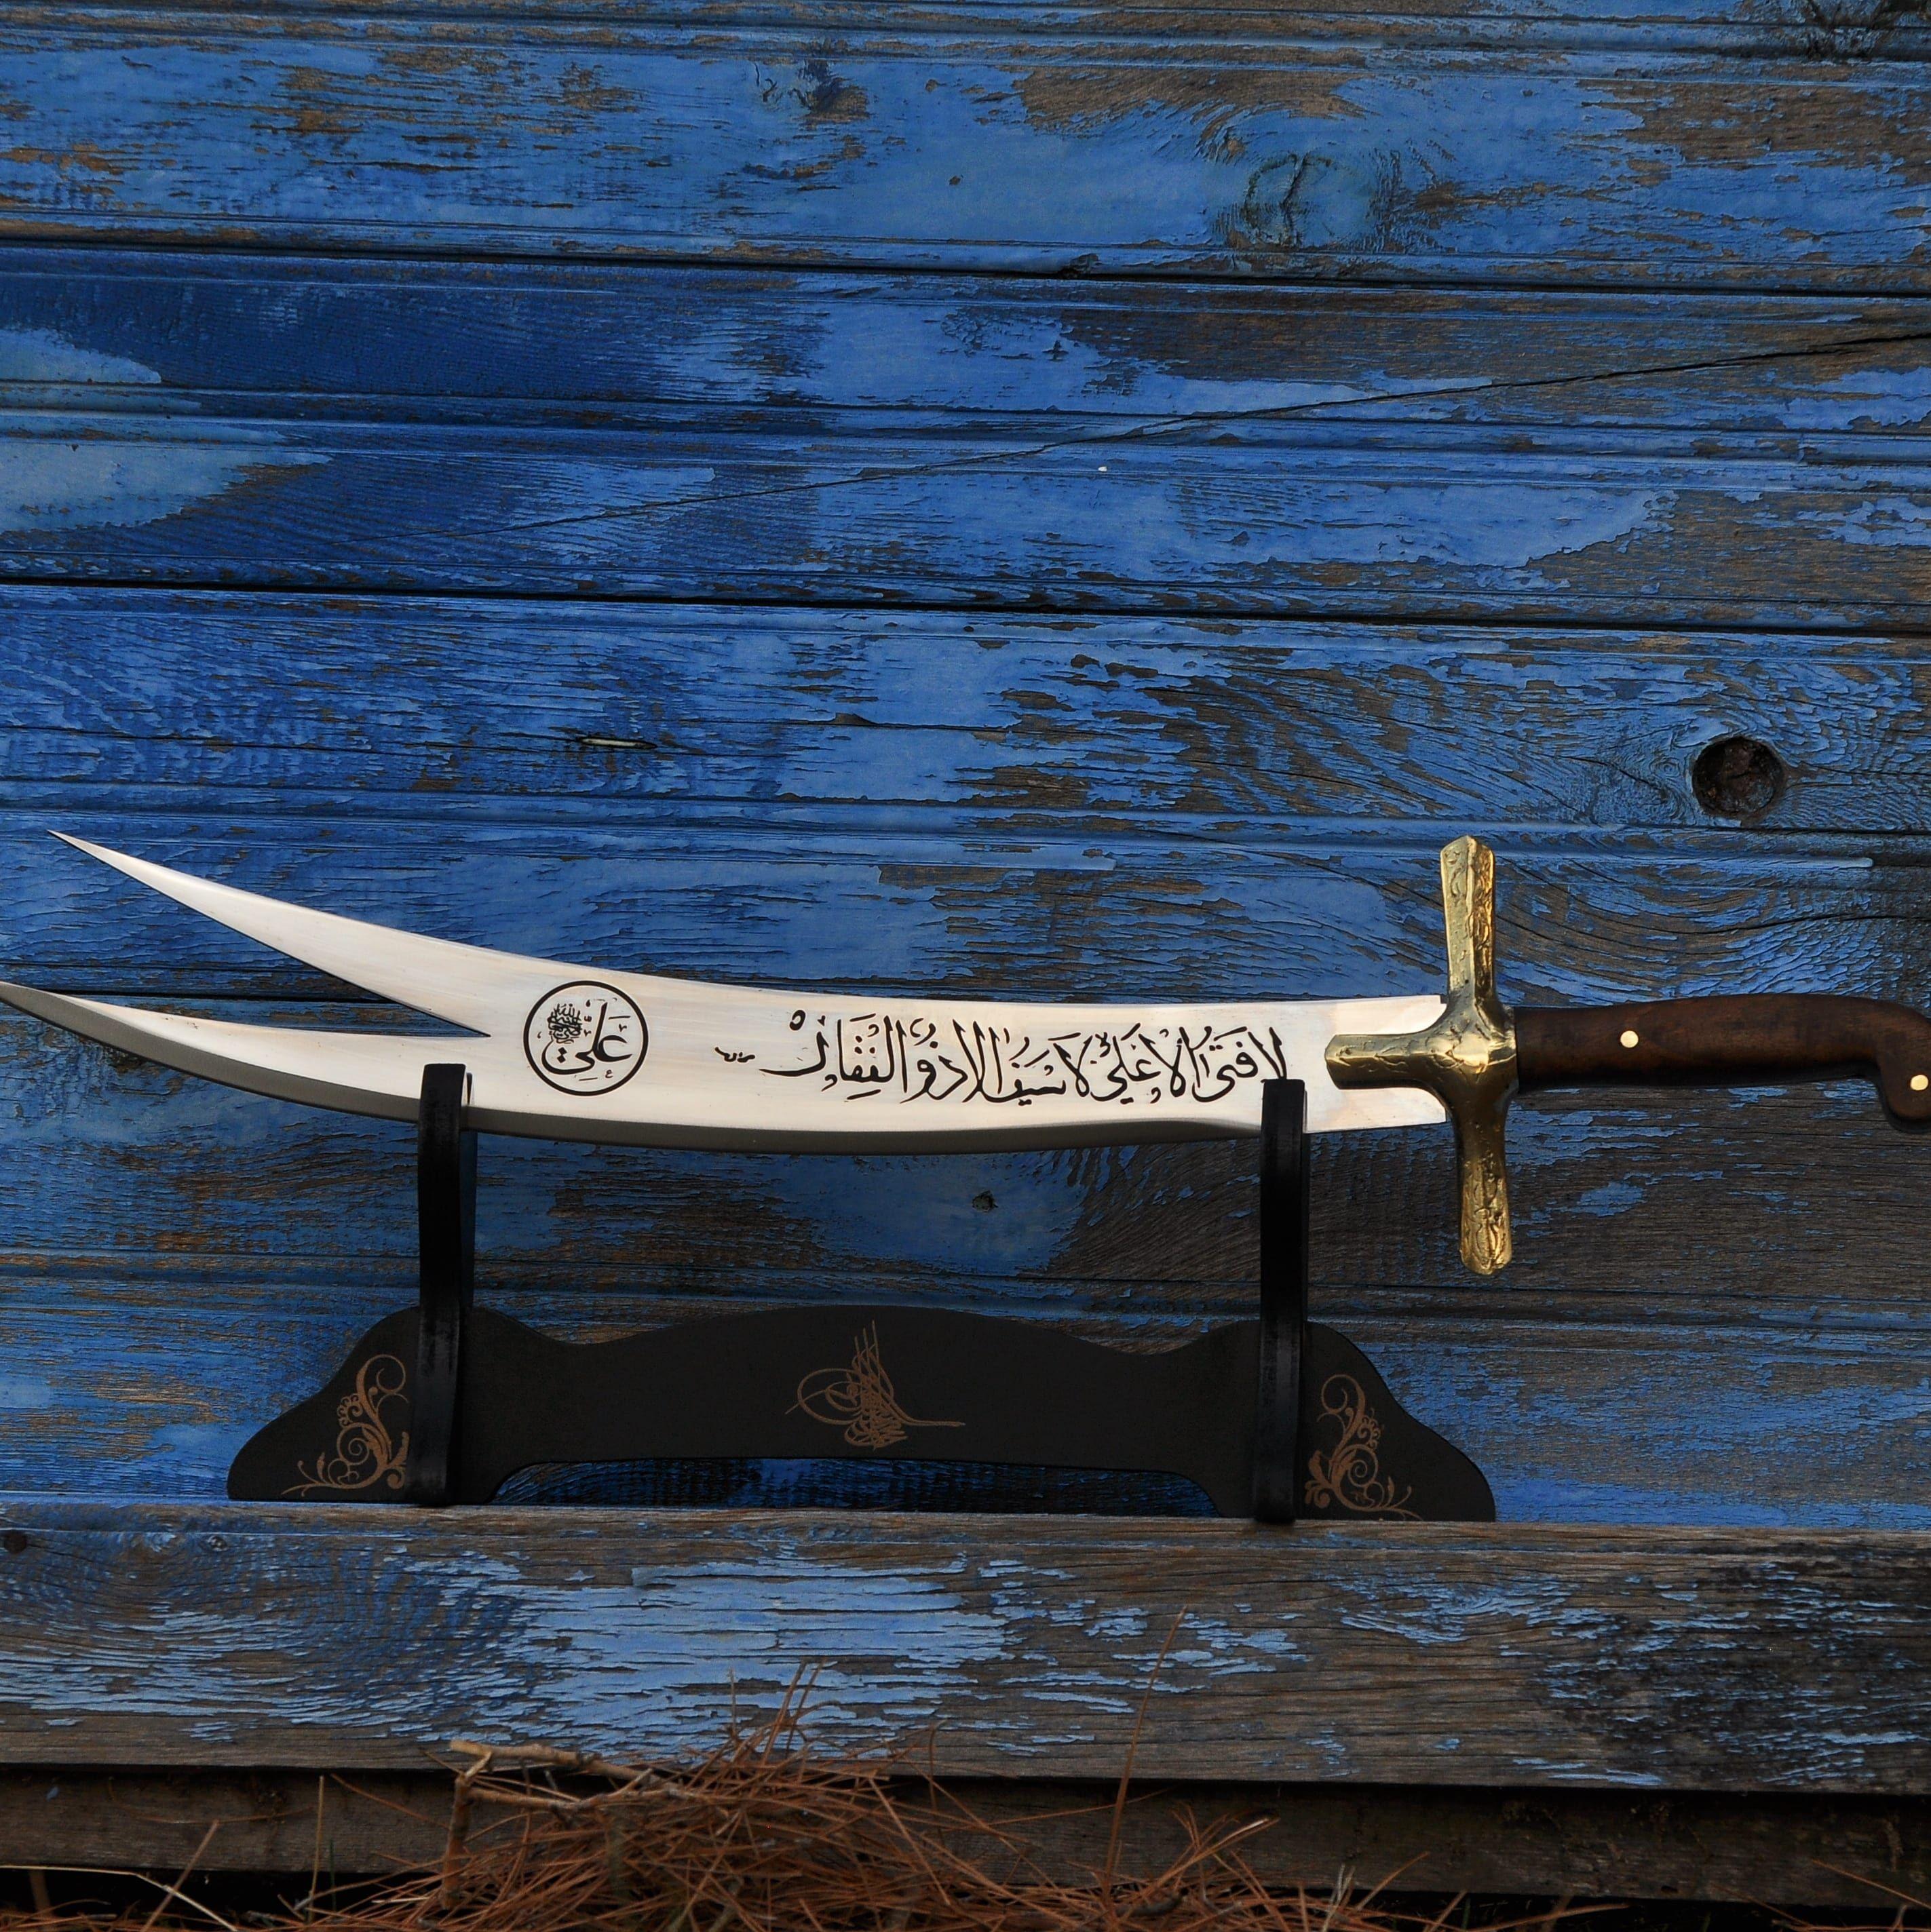 Zulfiqar Sword Sword Swords Medieval Types Of Swords